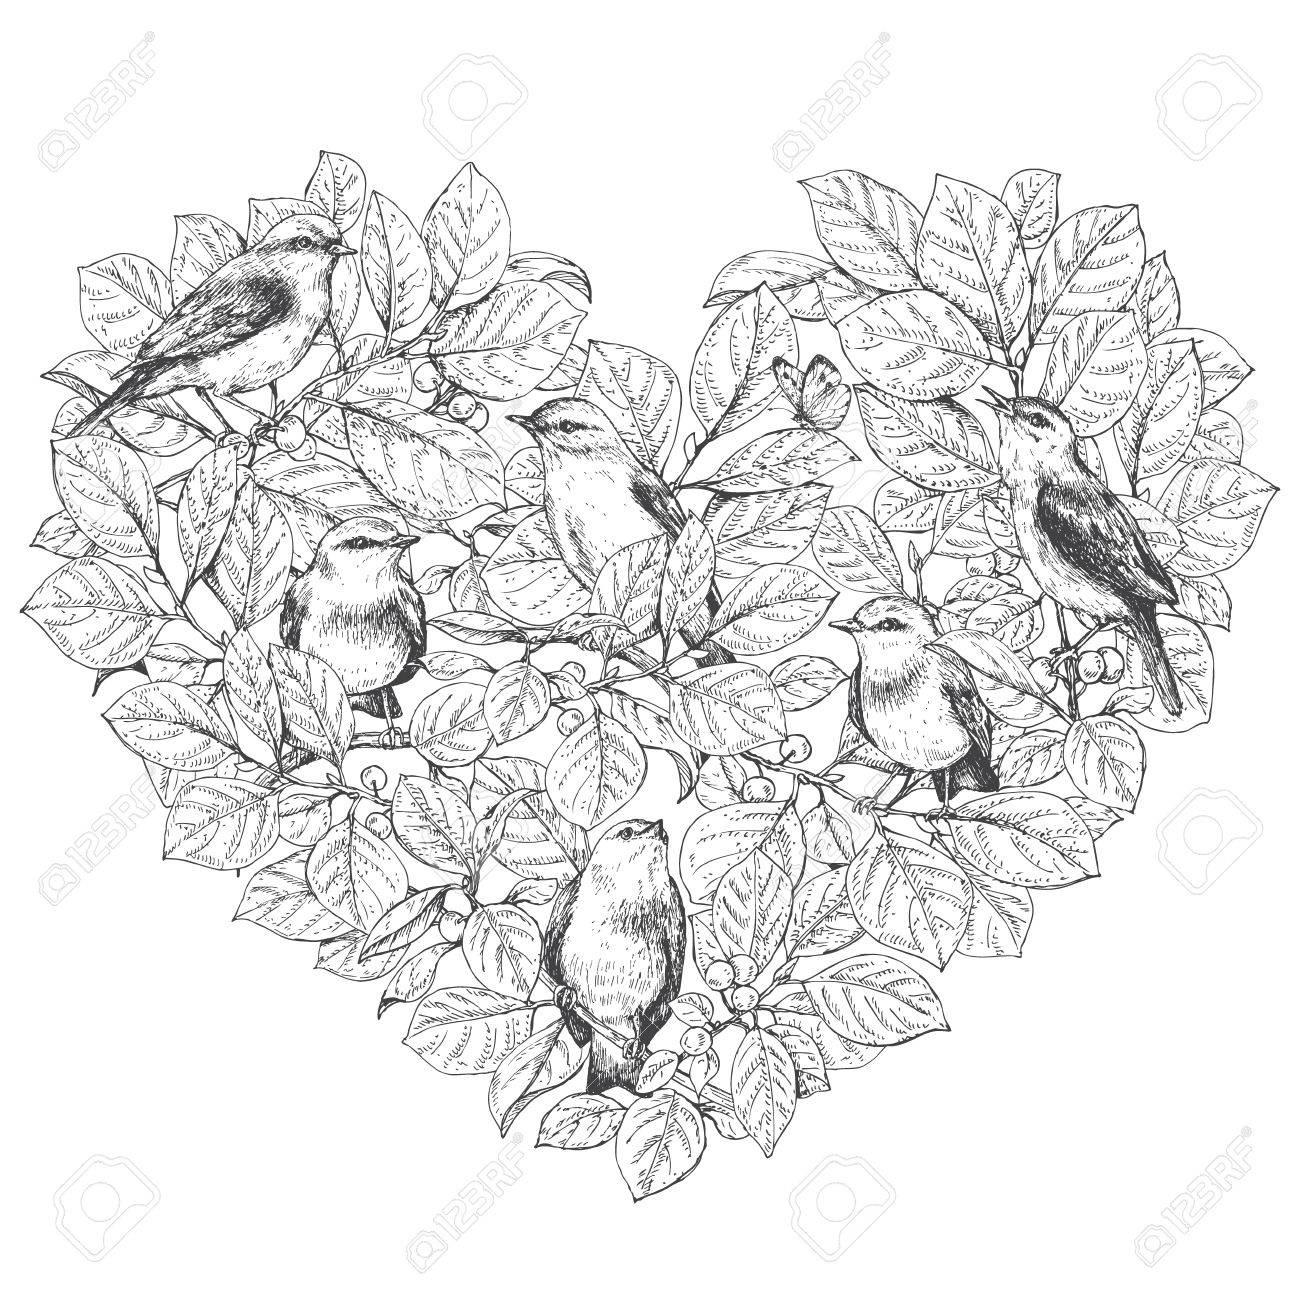 Handgezeichnete Doodle Vögel Sitzen Auf Ästen. Monochrome Bevy Von ...